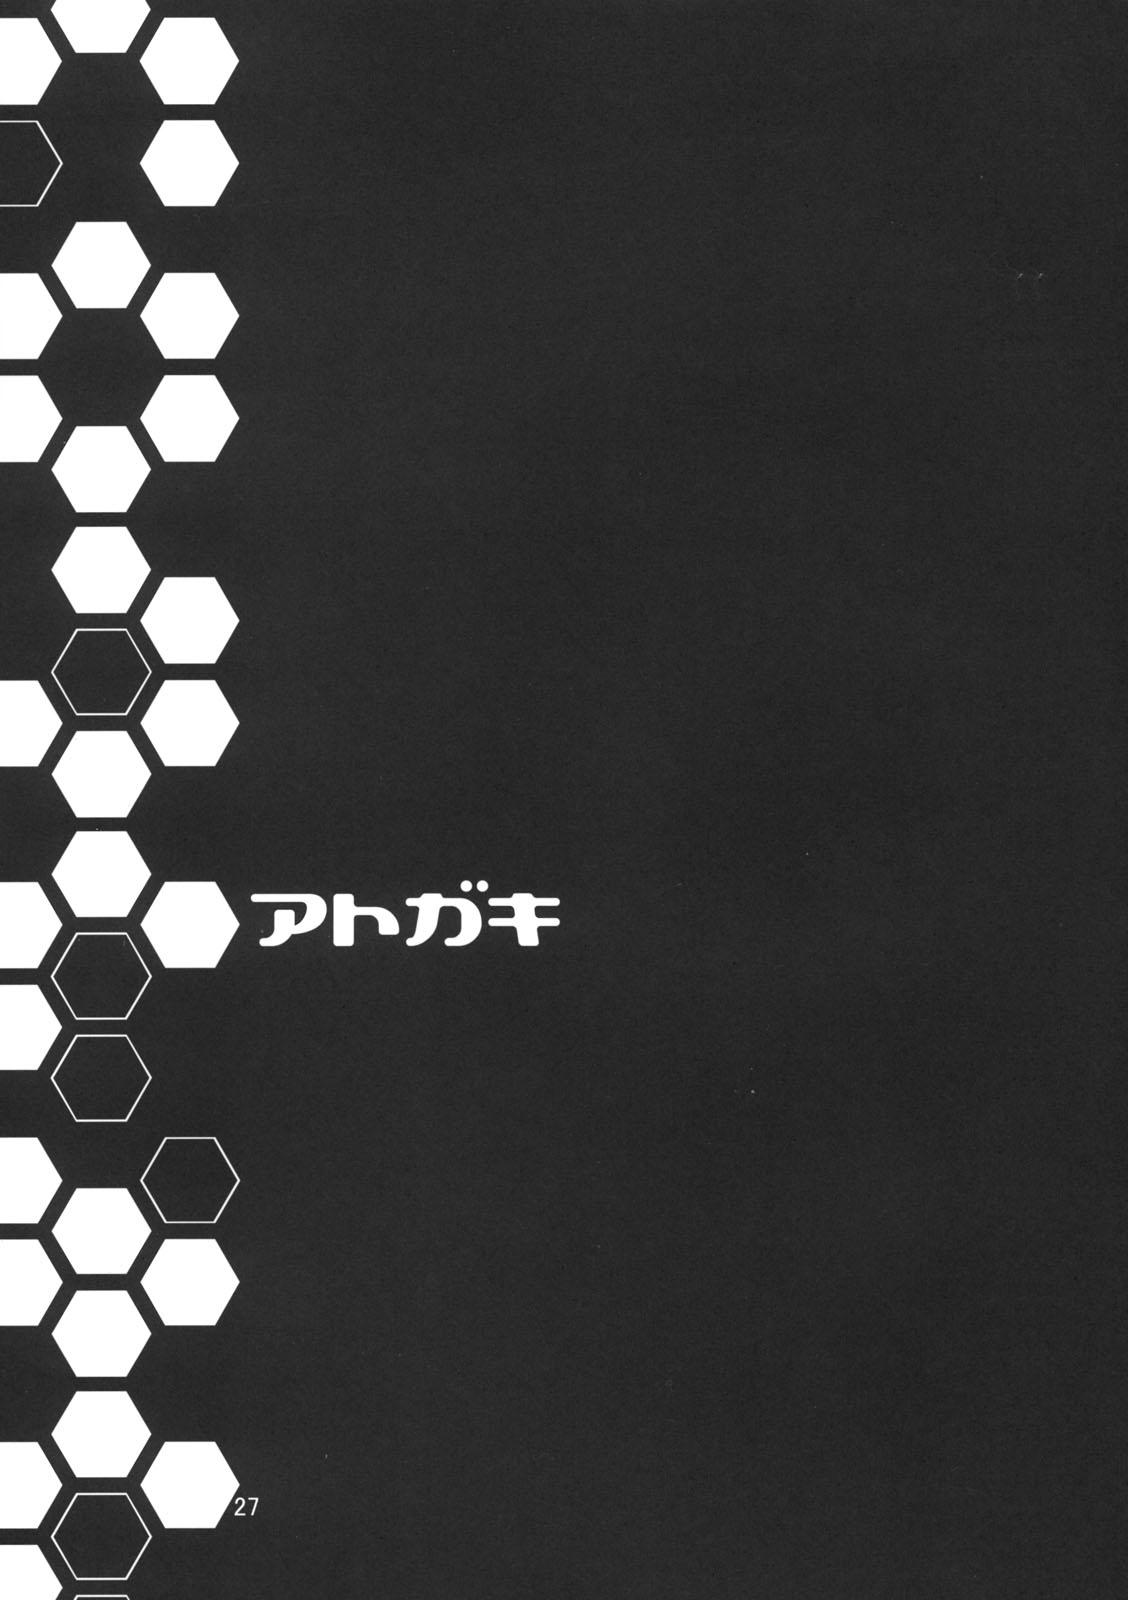 DoujinReader.com CG2R-02_0027